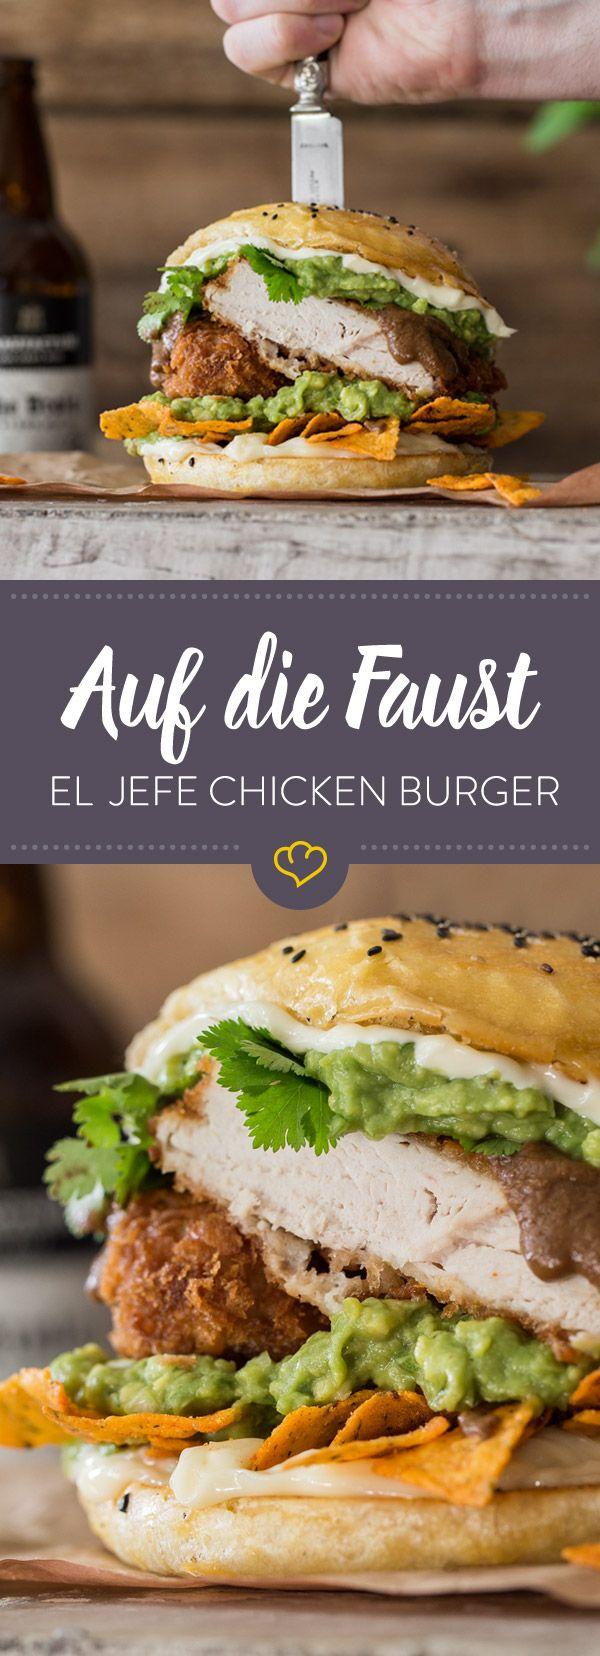 Wenn du einen Burger für deine nächste Grillparty suchst, bist du fündig geworden. Der Tex Mex Burger